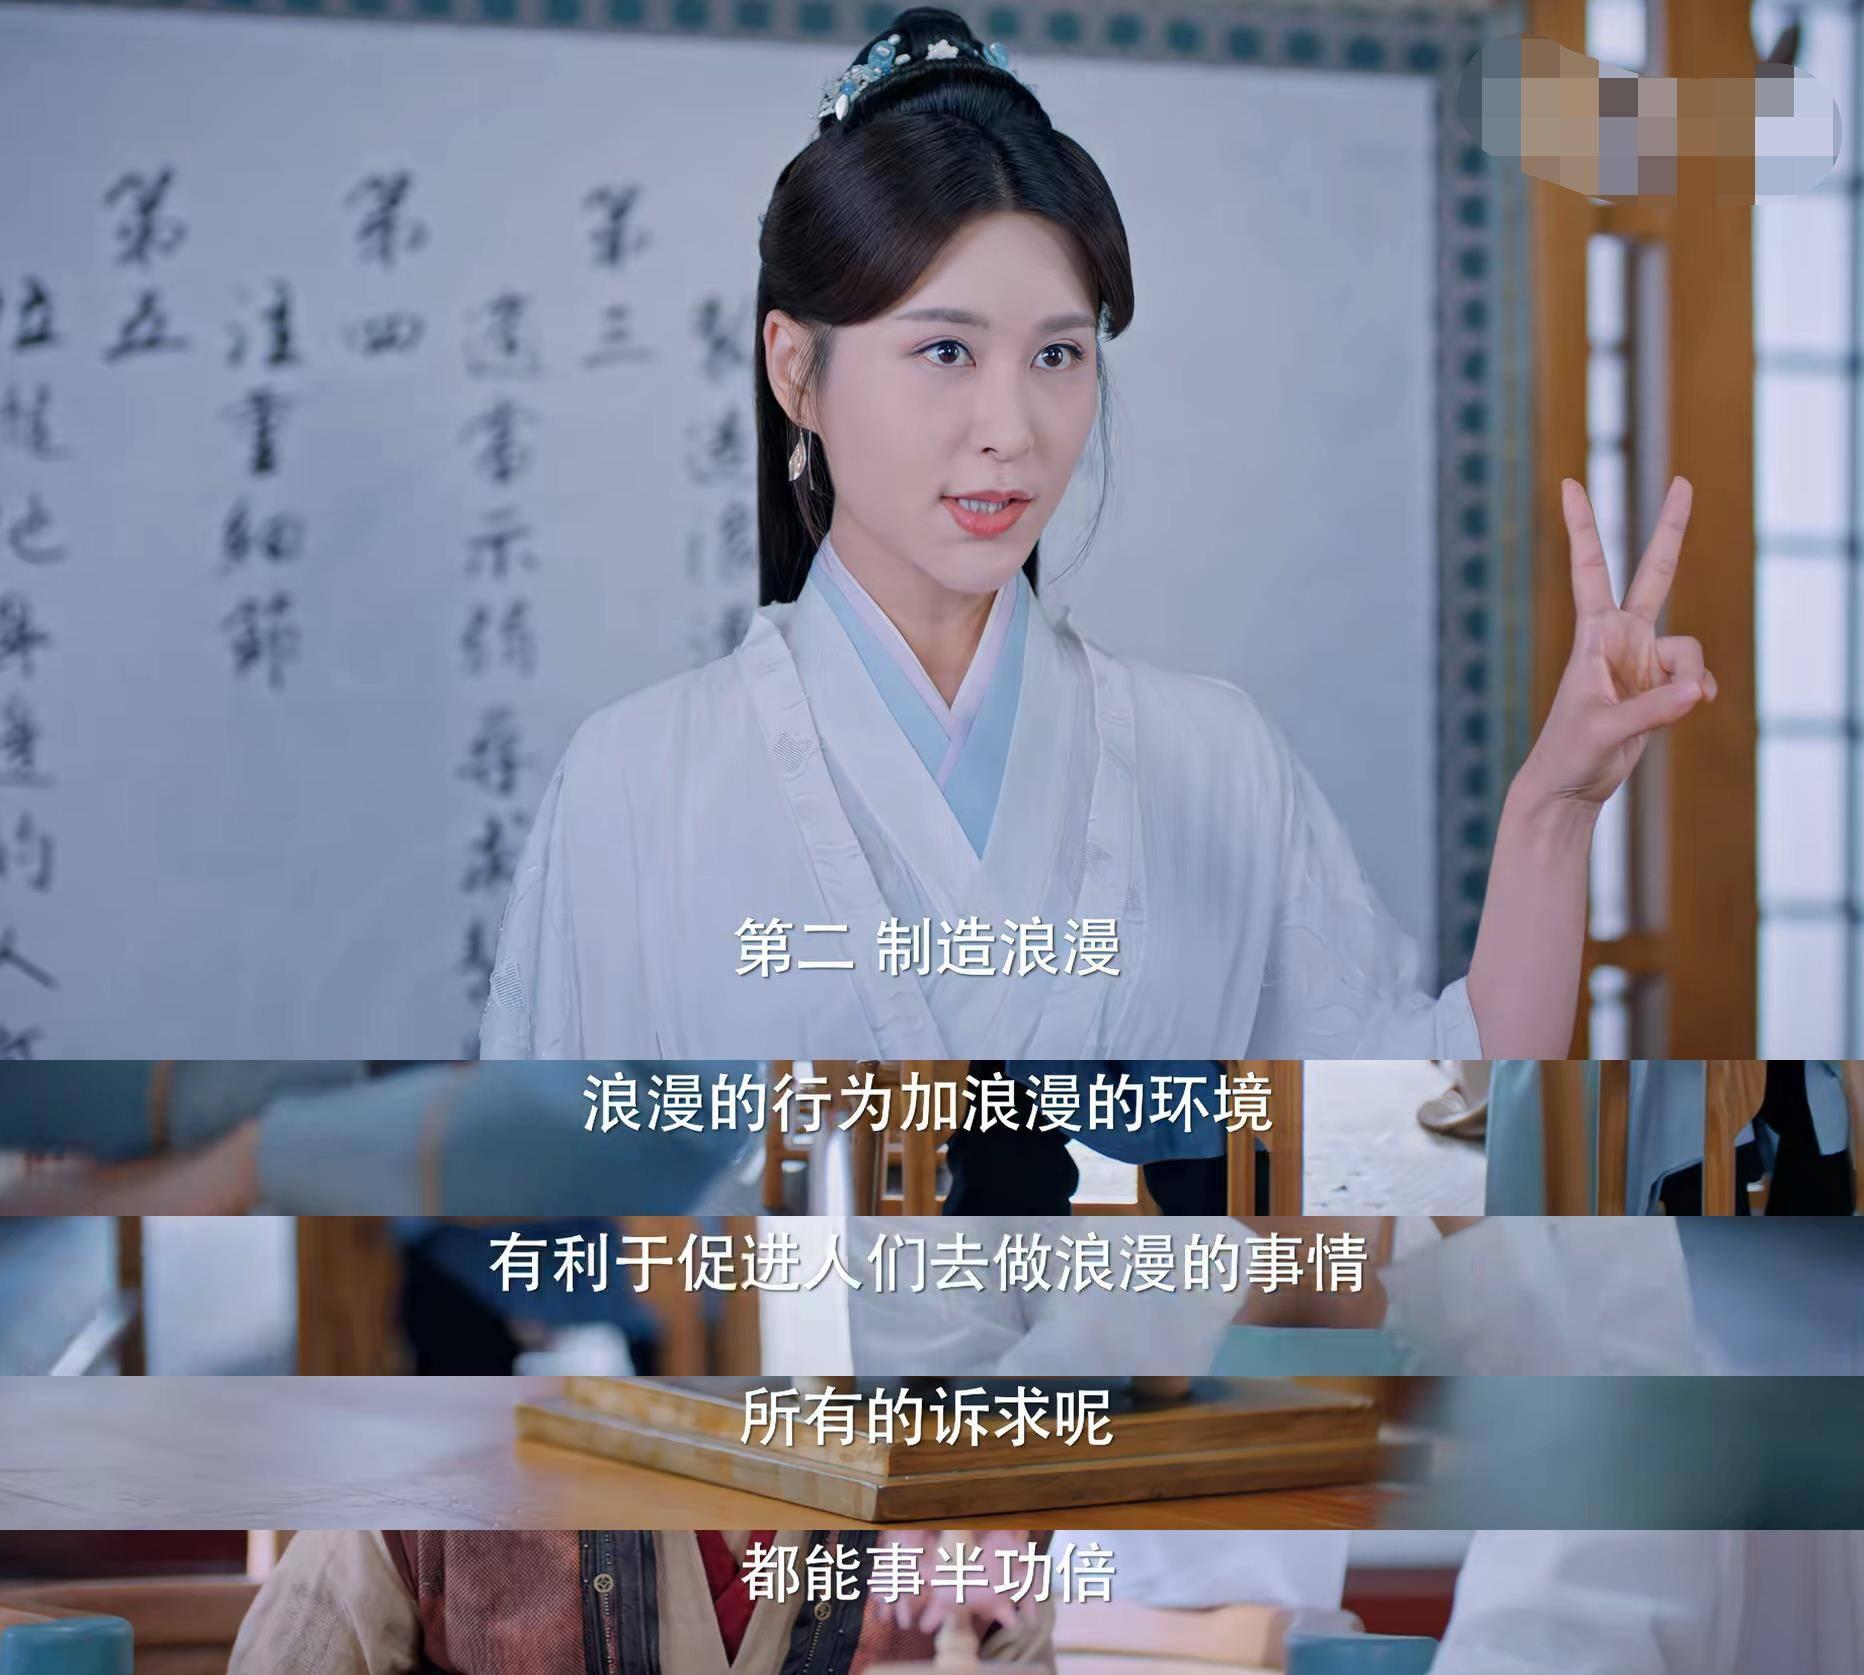 杨明什么时候认出苏雅 哪个电视剧有苏雅